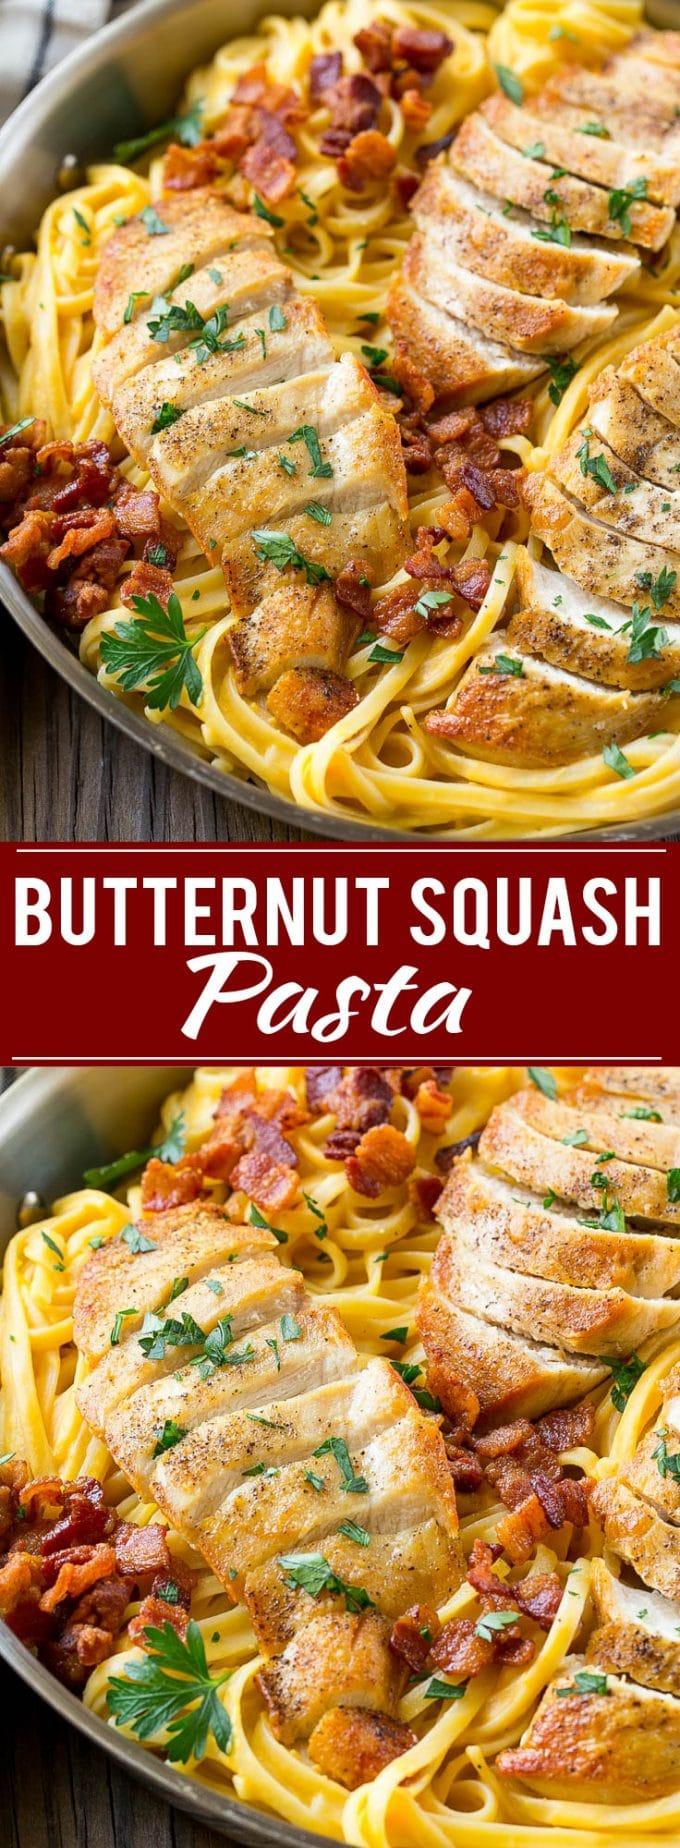 Butternut Squash Pasta with Chicken Recipe | Chicken Pasta Recipe | Butternut Squash Recipe | Easy Dinner Recipe | Pasta Recipe